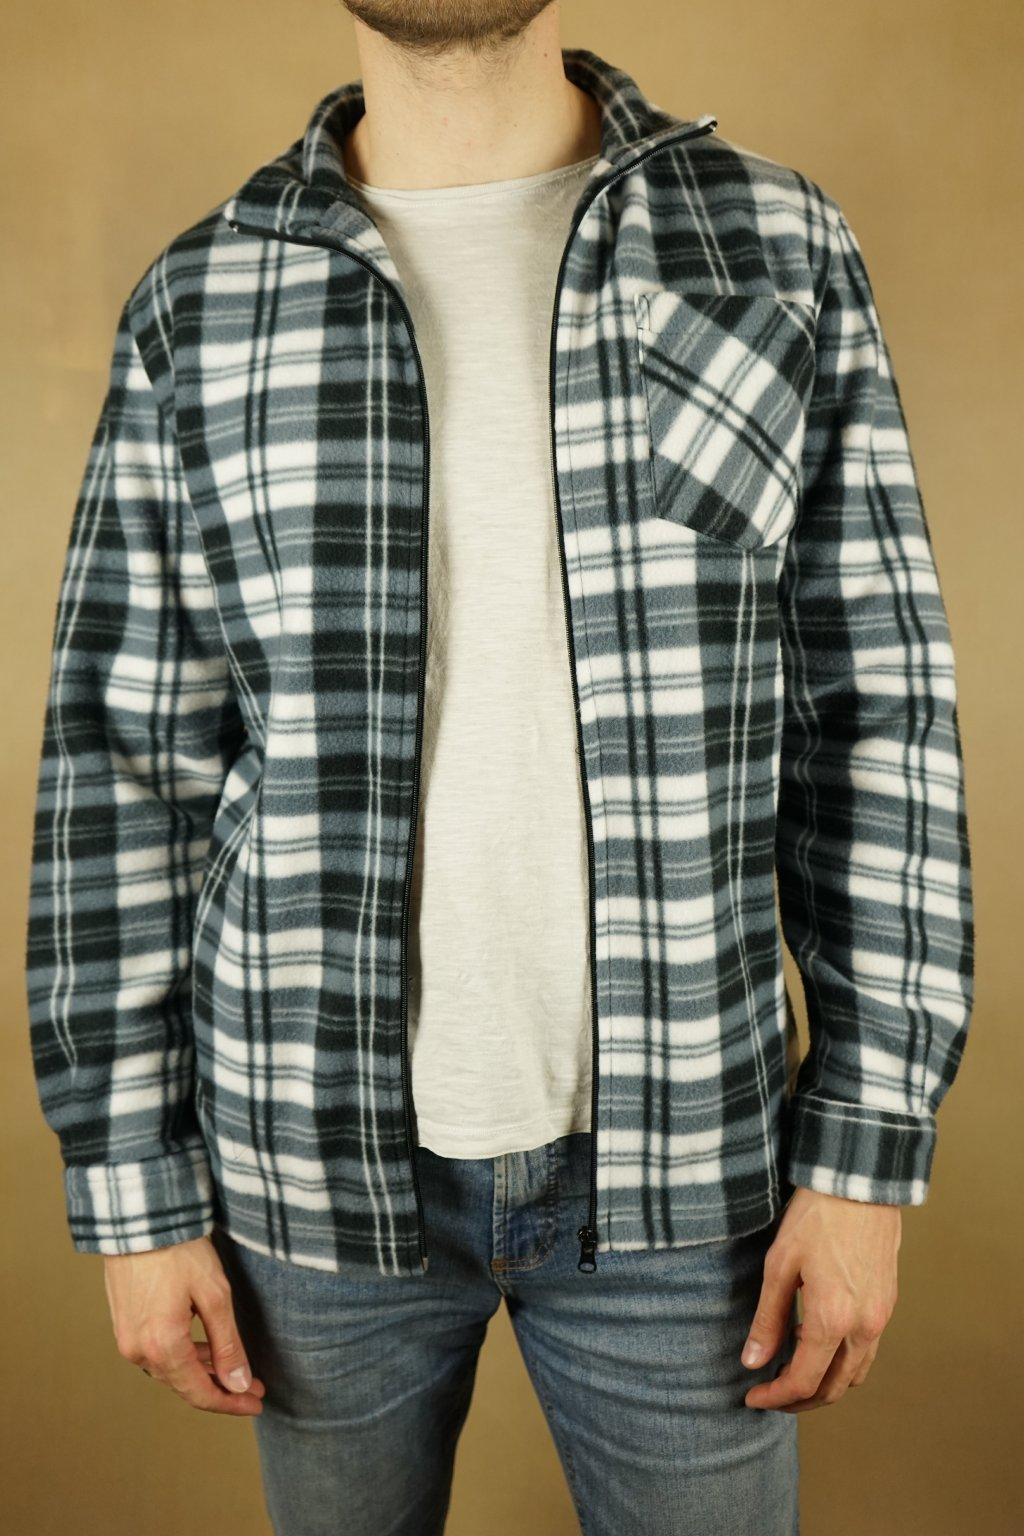 Károvaná plyšová košile na zip vel. L